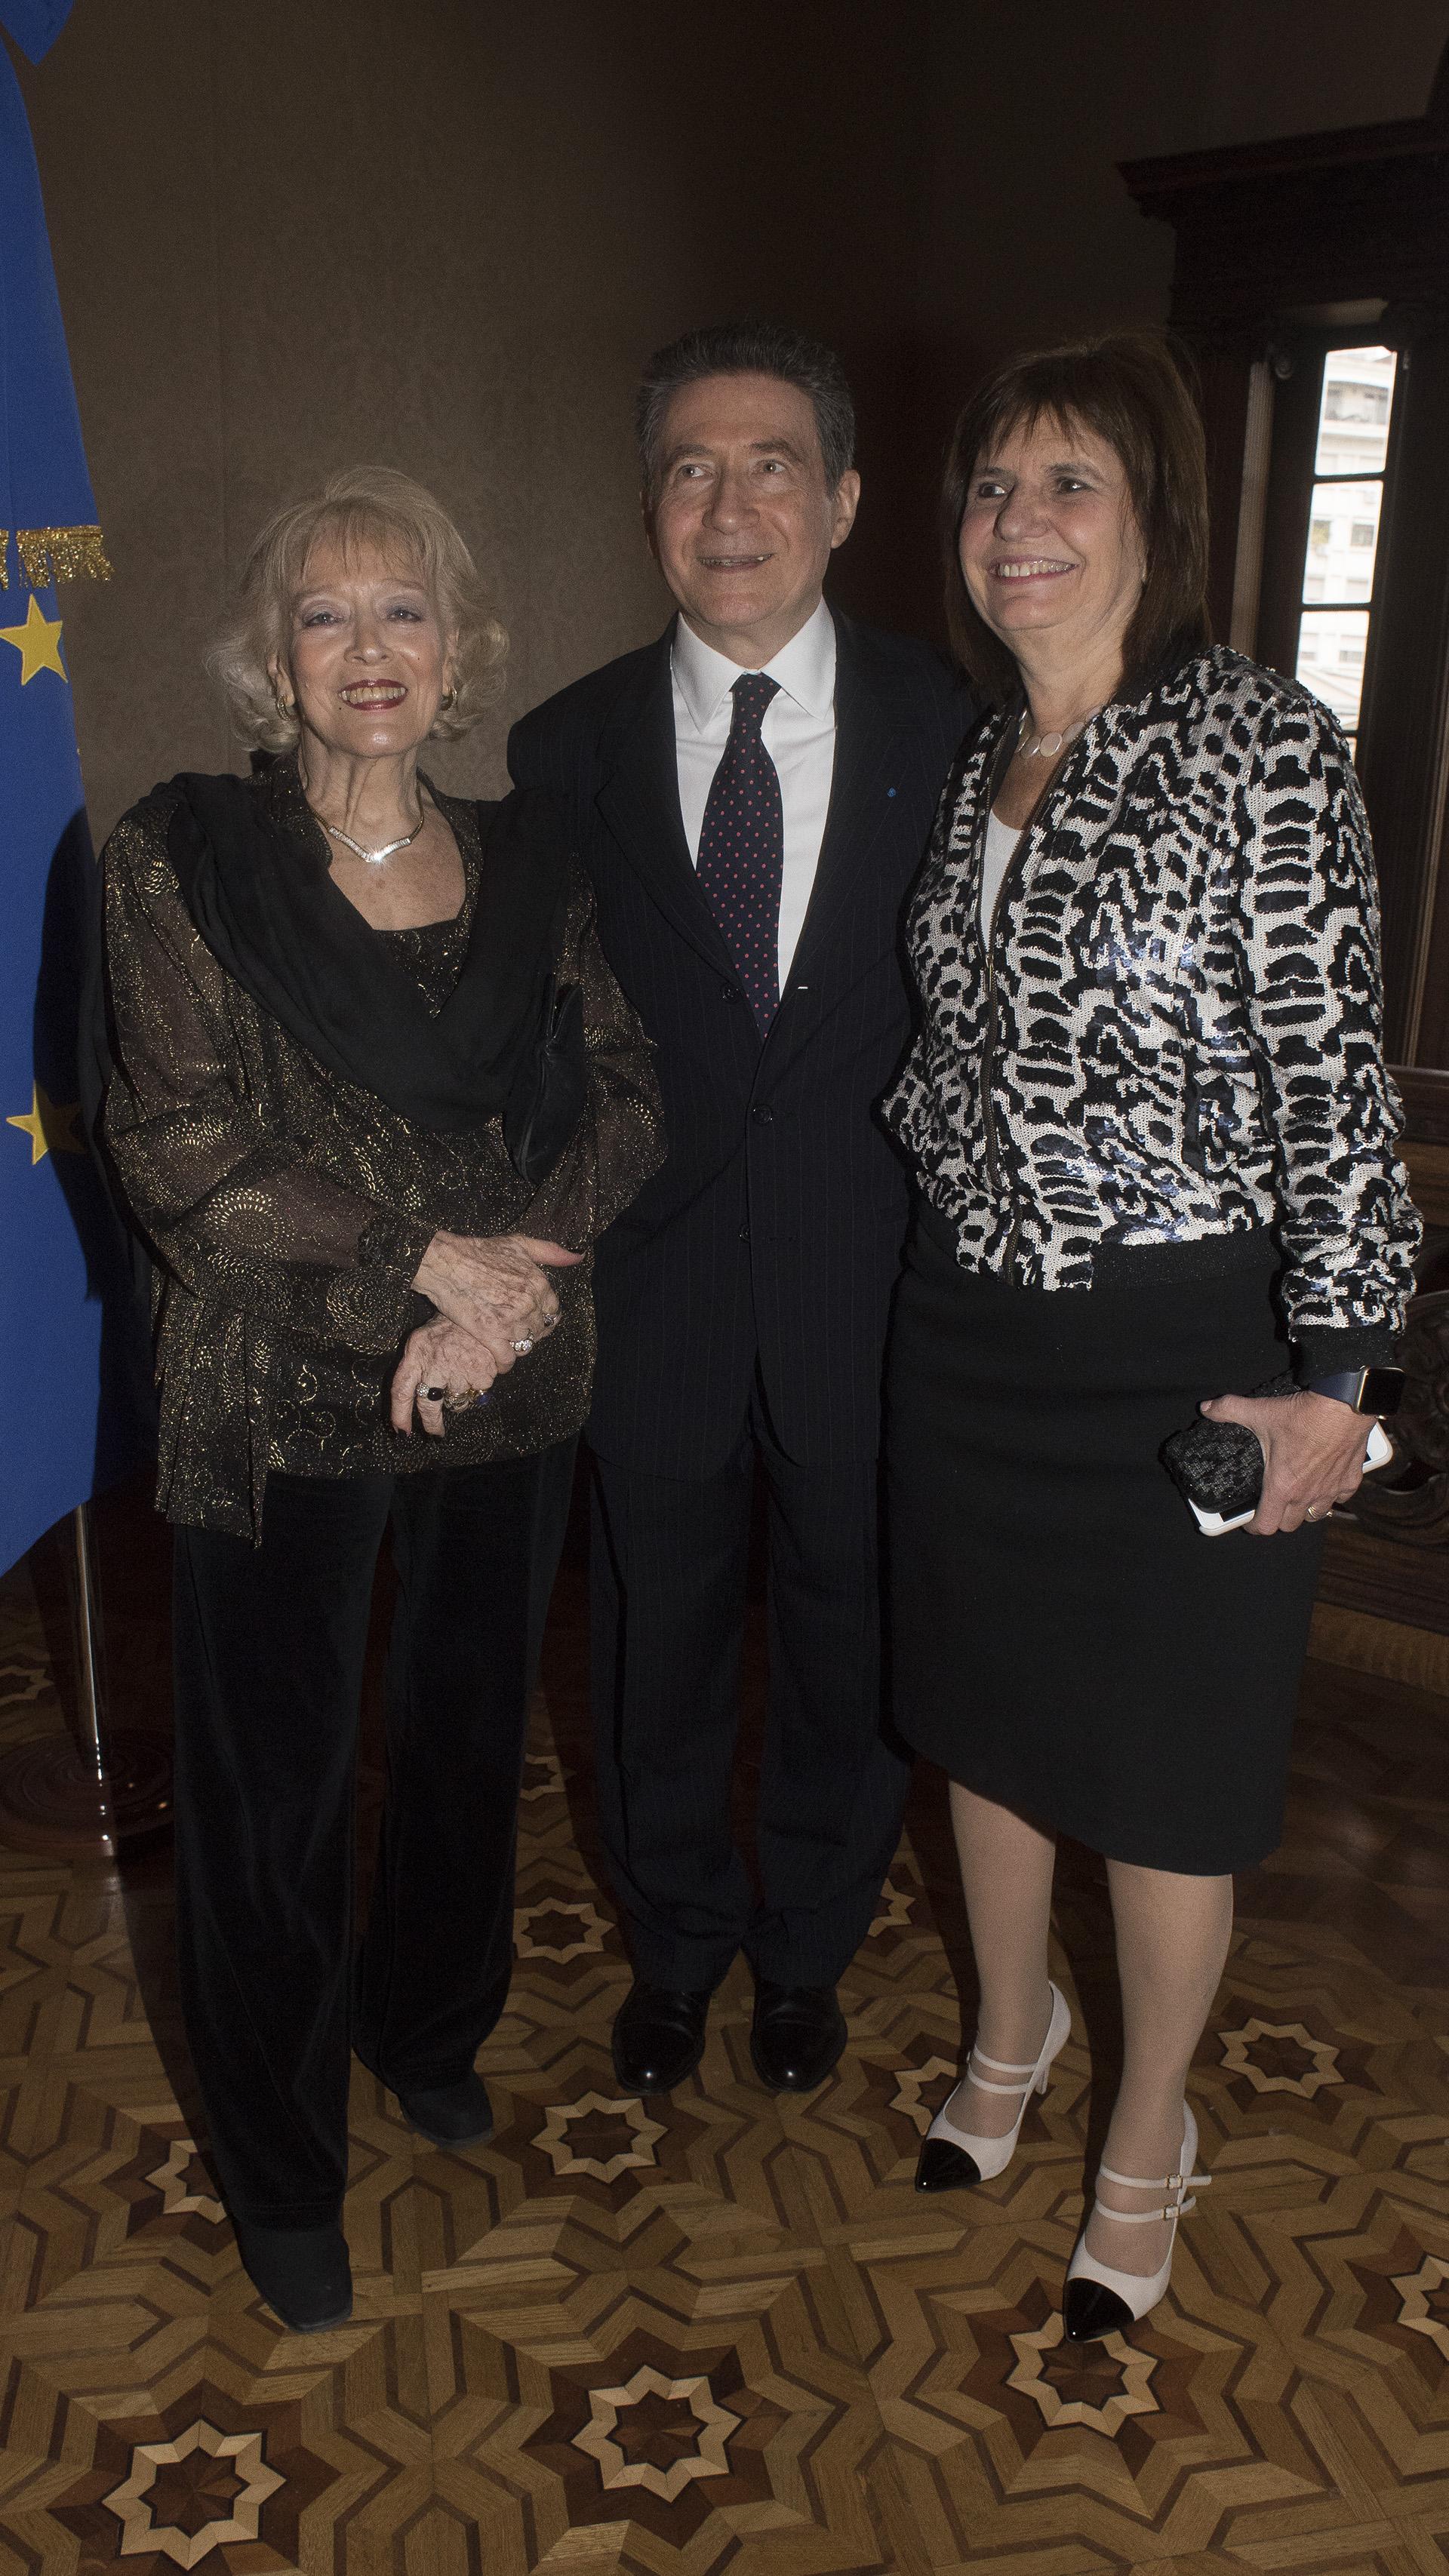 El embajador y su esposa, Marie-Carmen Boué-Guignard, recibieron a la ministra de Seguridad, Patricia Bullrich